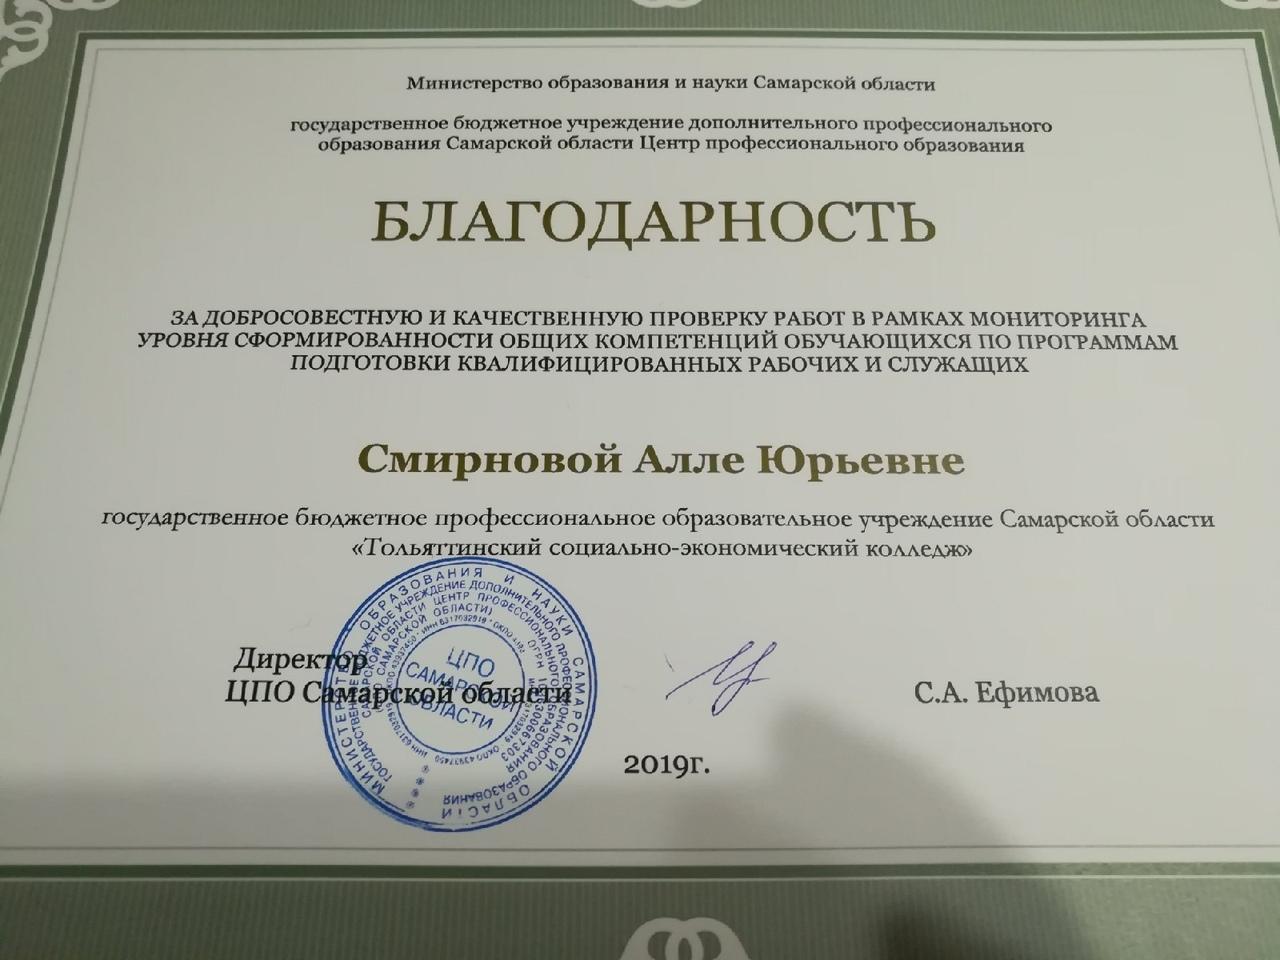 Благодарности за качественную работу и проверку работ в рамках мониторинга сформированности общих компетенций